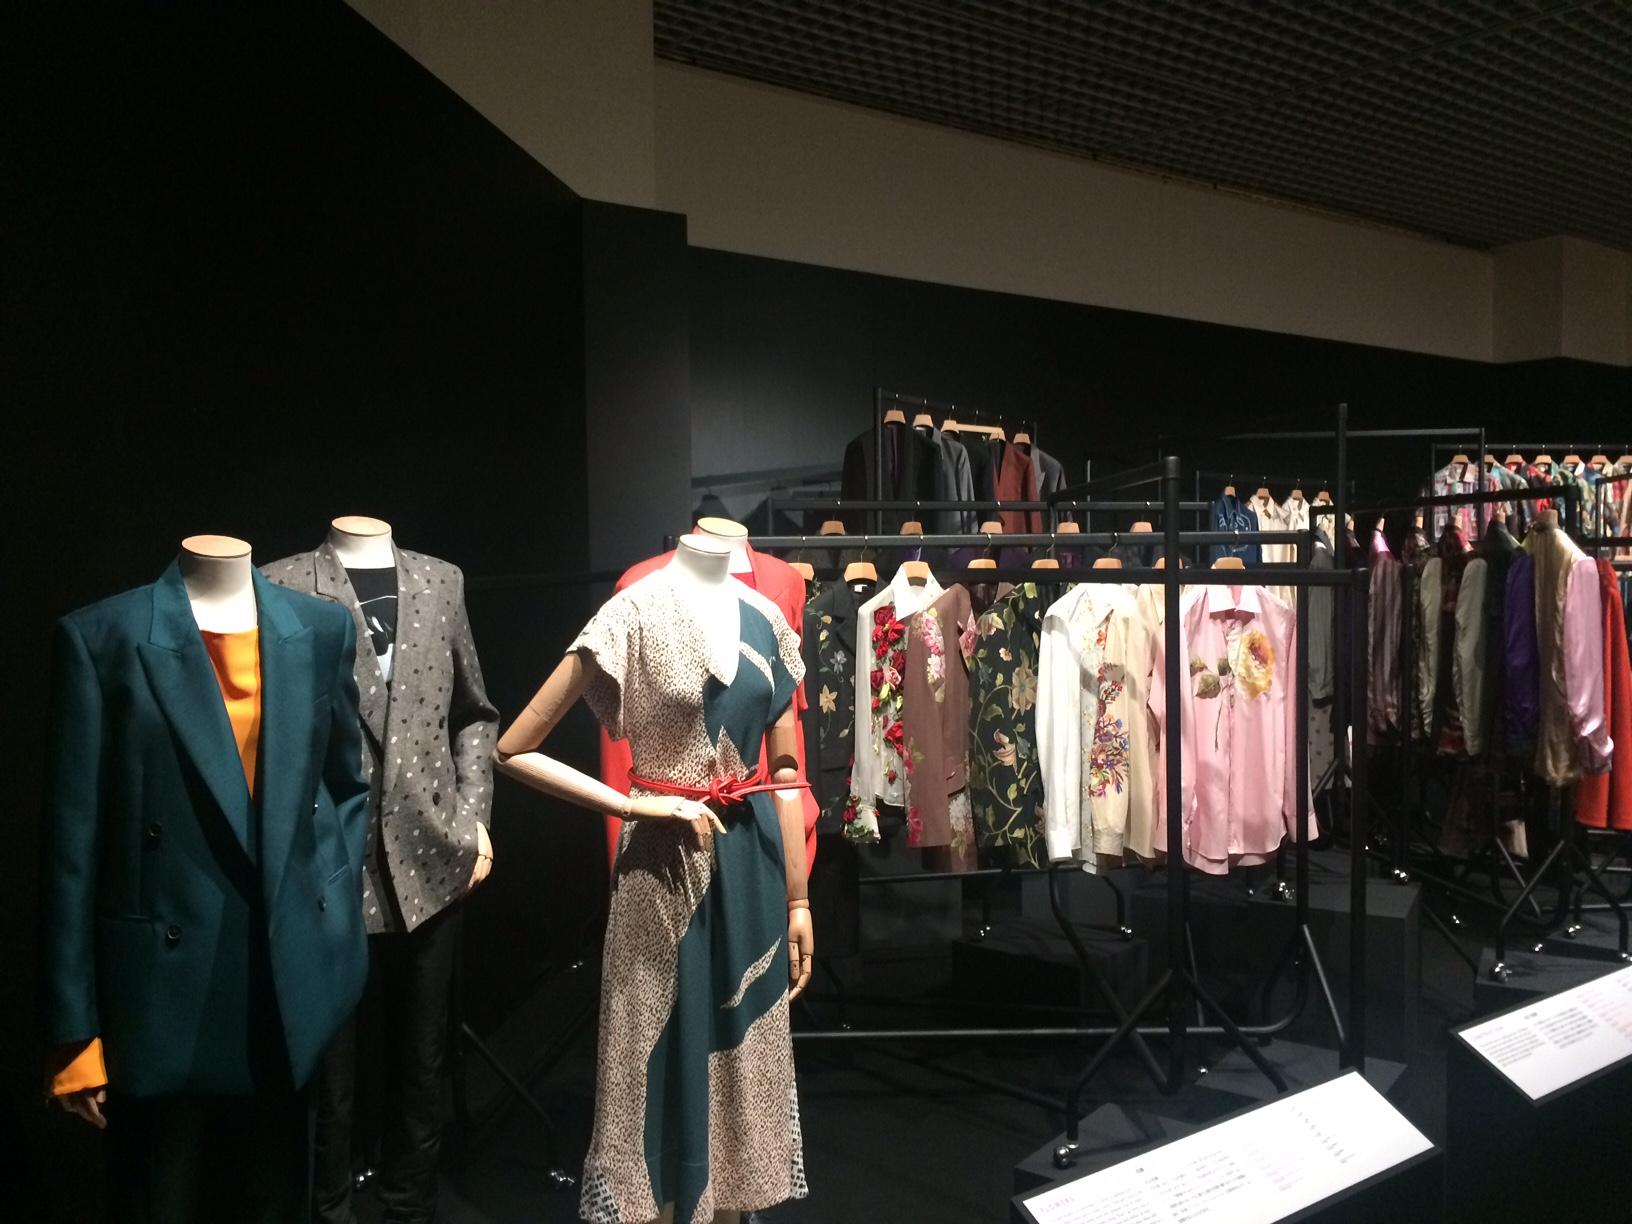 カラフルな作品と展示に心躍る!「ポール・スミス展」 in 名古屋体験レポート - IMG 7918